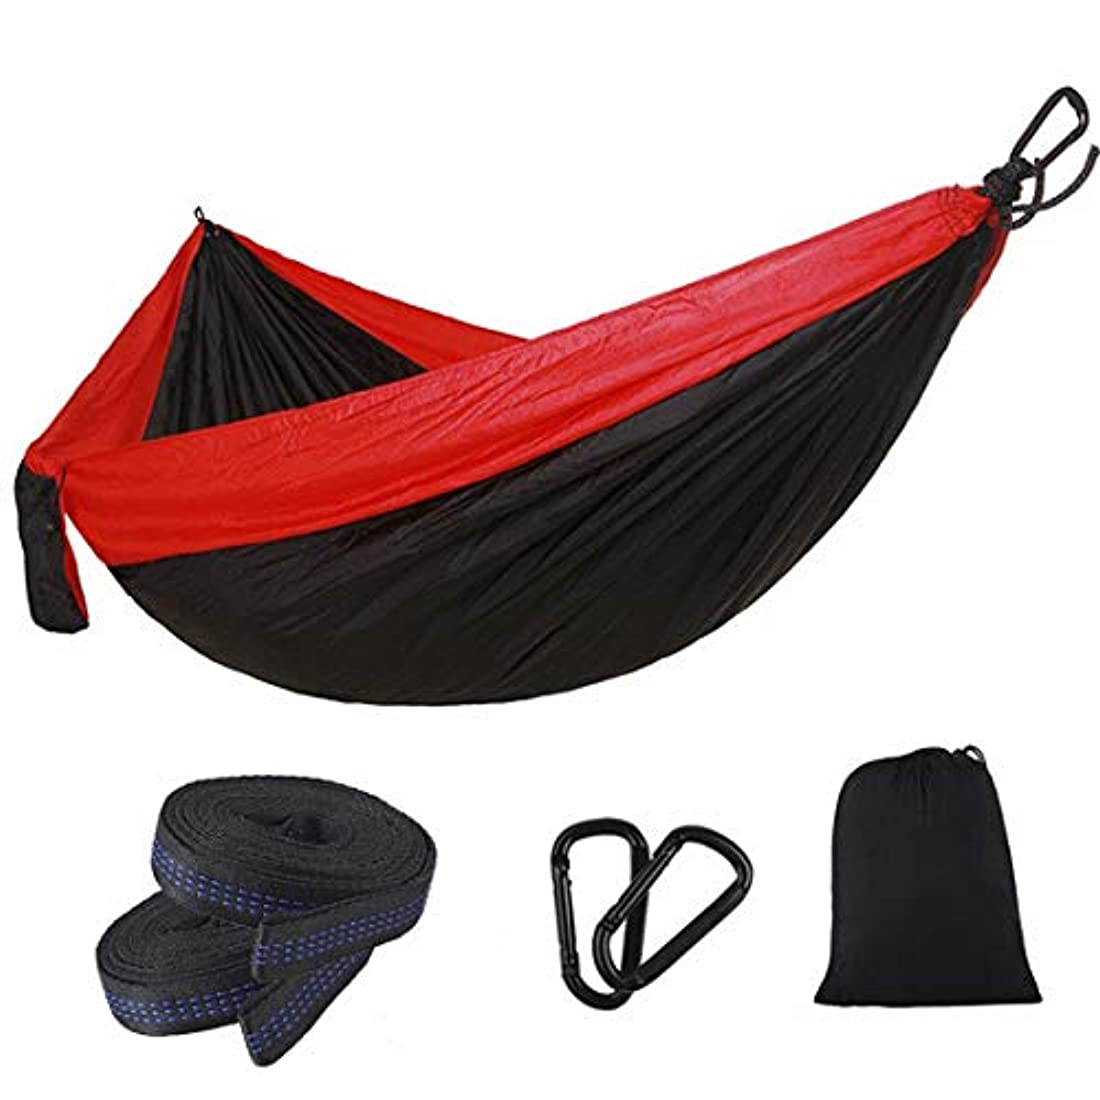 前提条件追い払うユーザーSummerys 長い屋外のキャンプ用品スイングを増やすためにカラーマッチングナイロンパラシュート布ダブルハンモック (Color : 3)